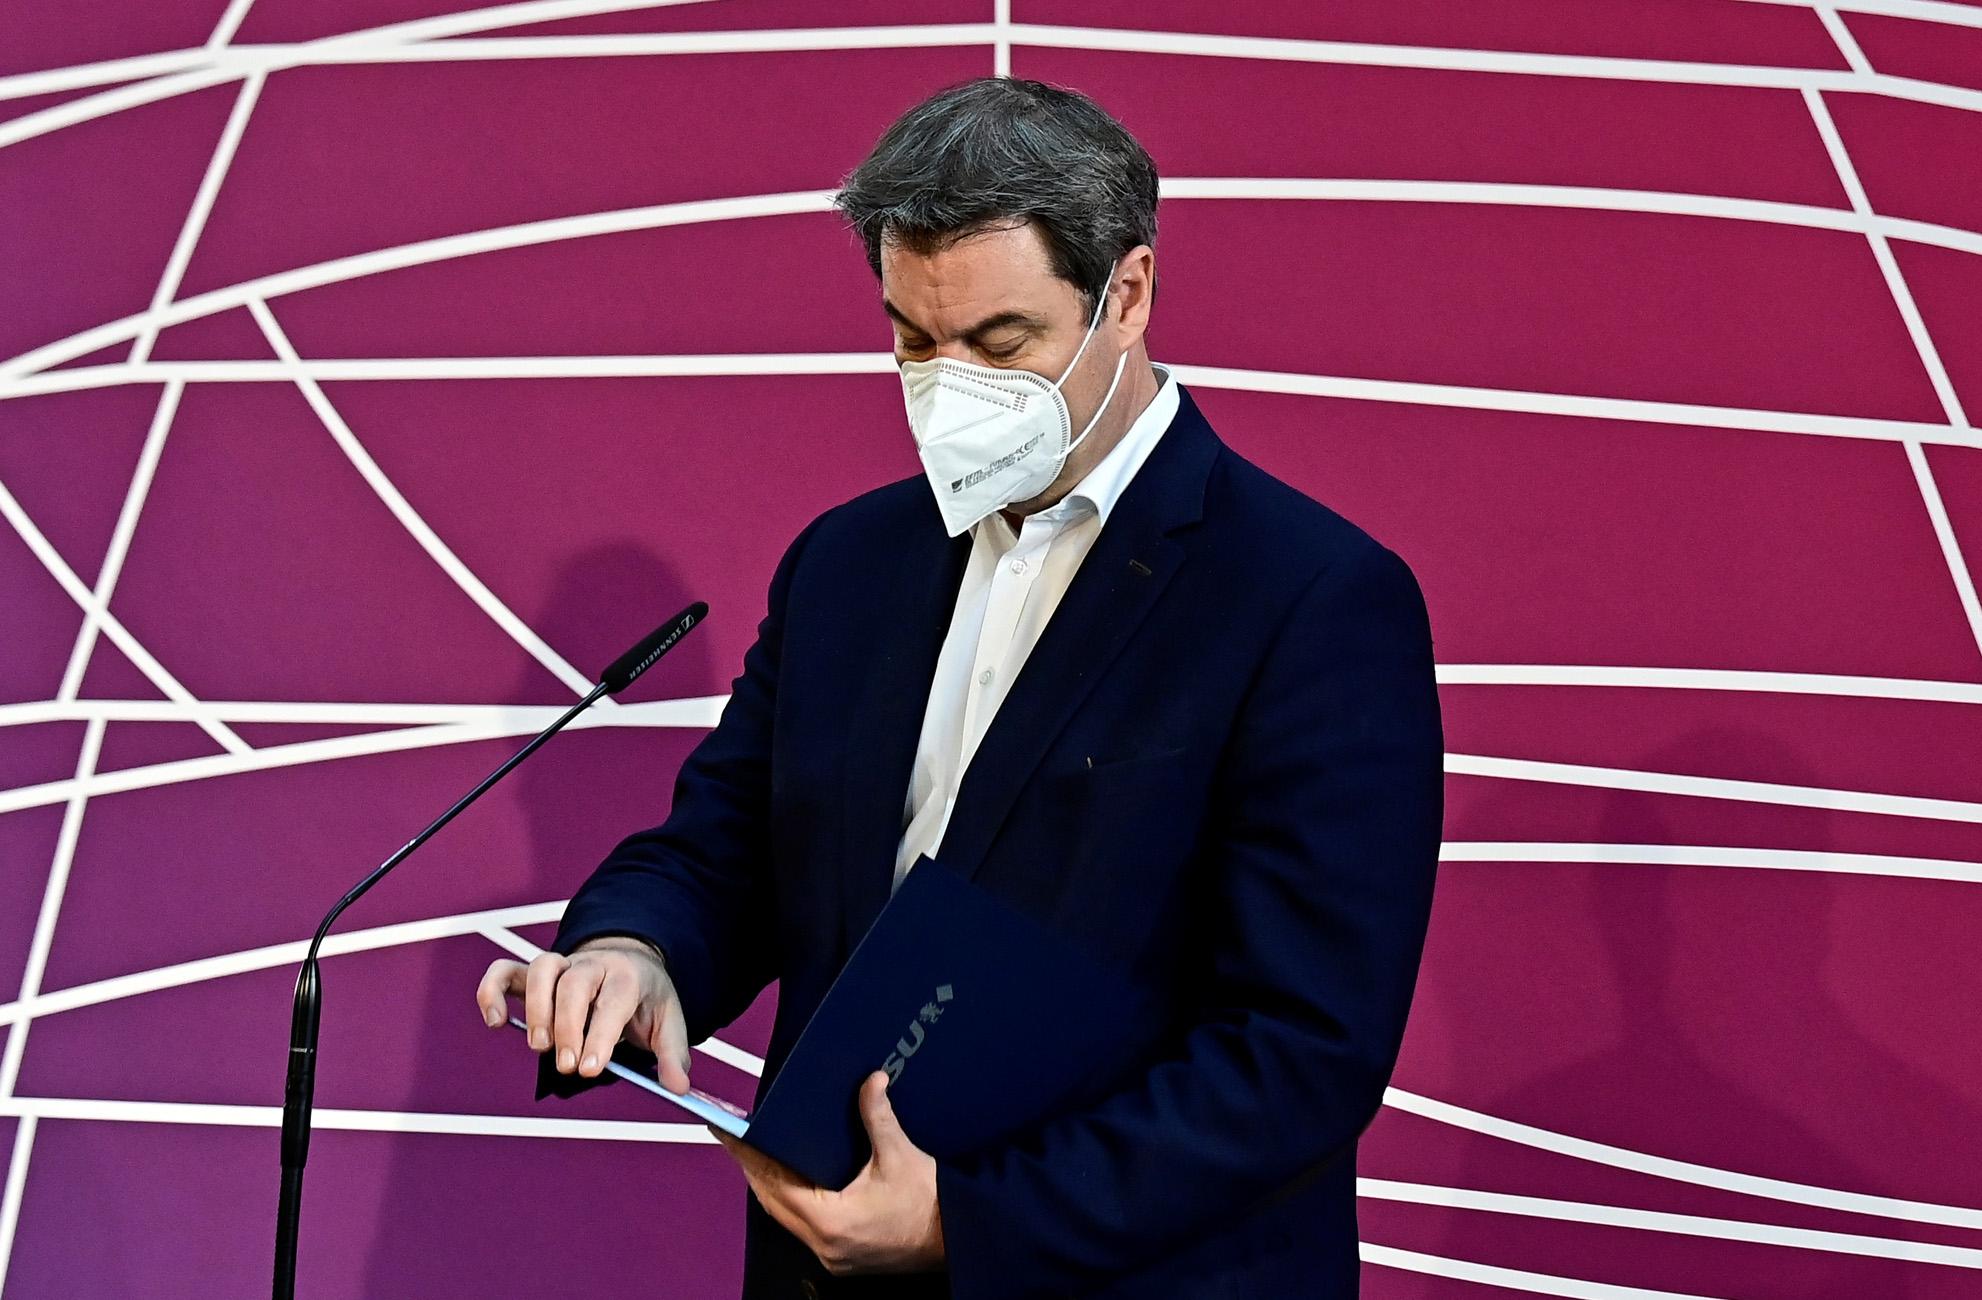 Γερμανία: Ο Μάρκους Ζέντερ προηγείται στις δημοσκοπήσεις για την καγκελαρία